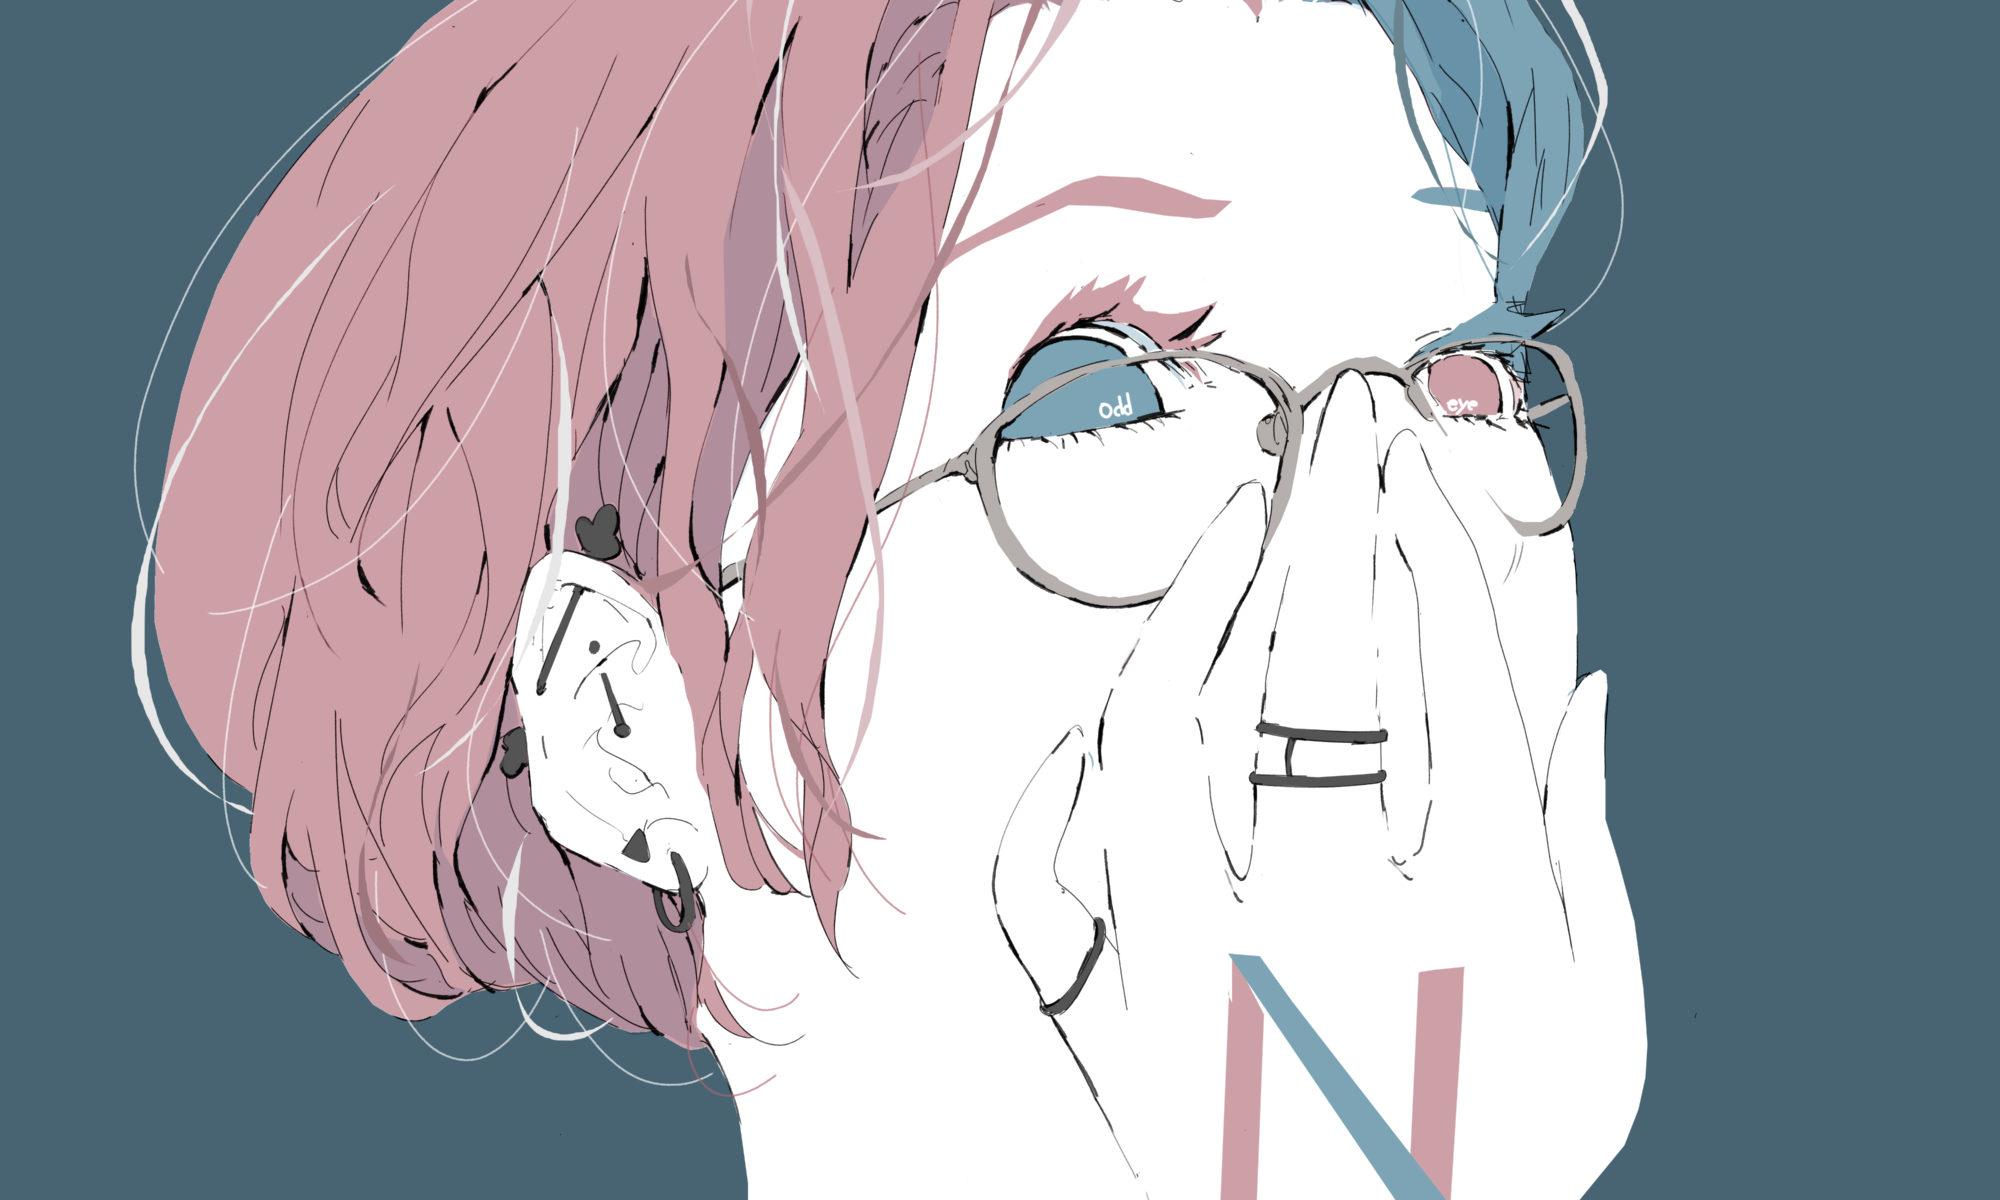 オッドアイのメガネをかけたショートカットの女の子のイラスト